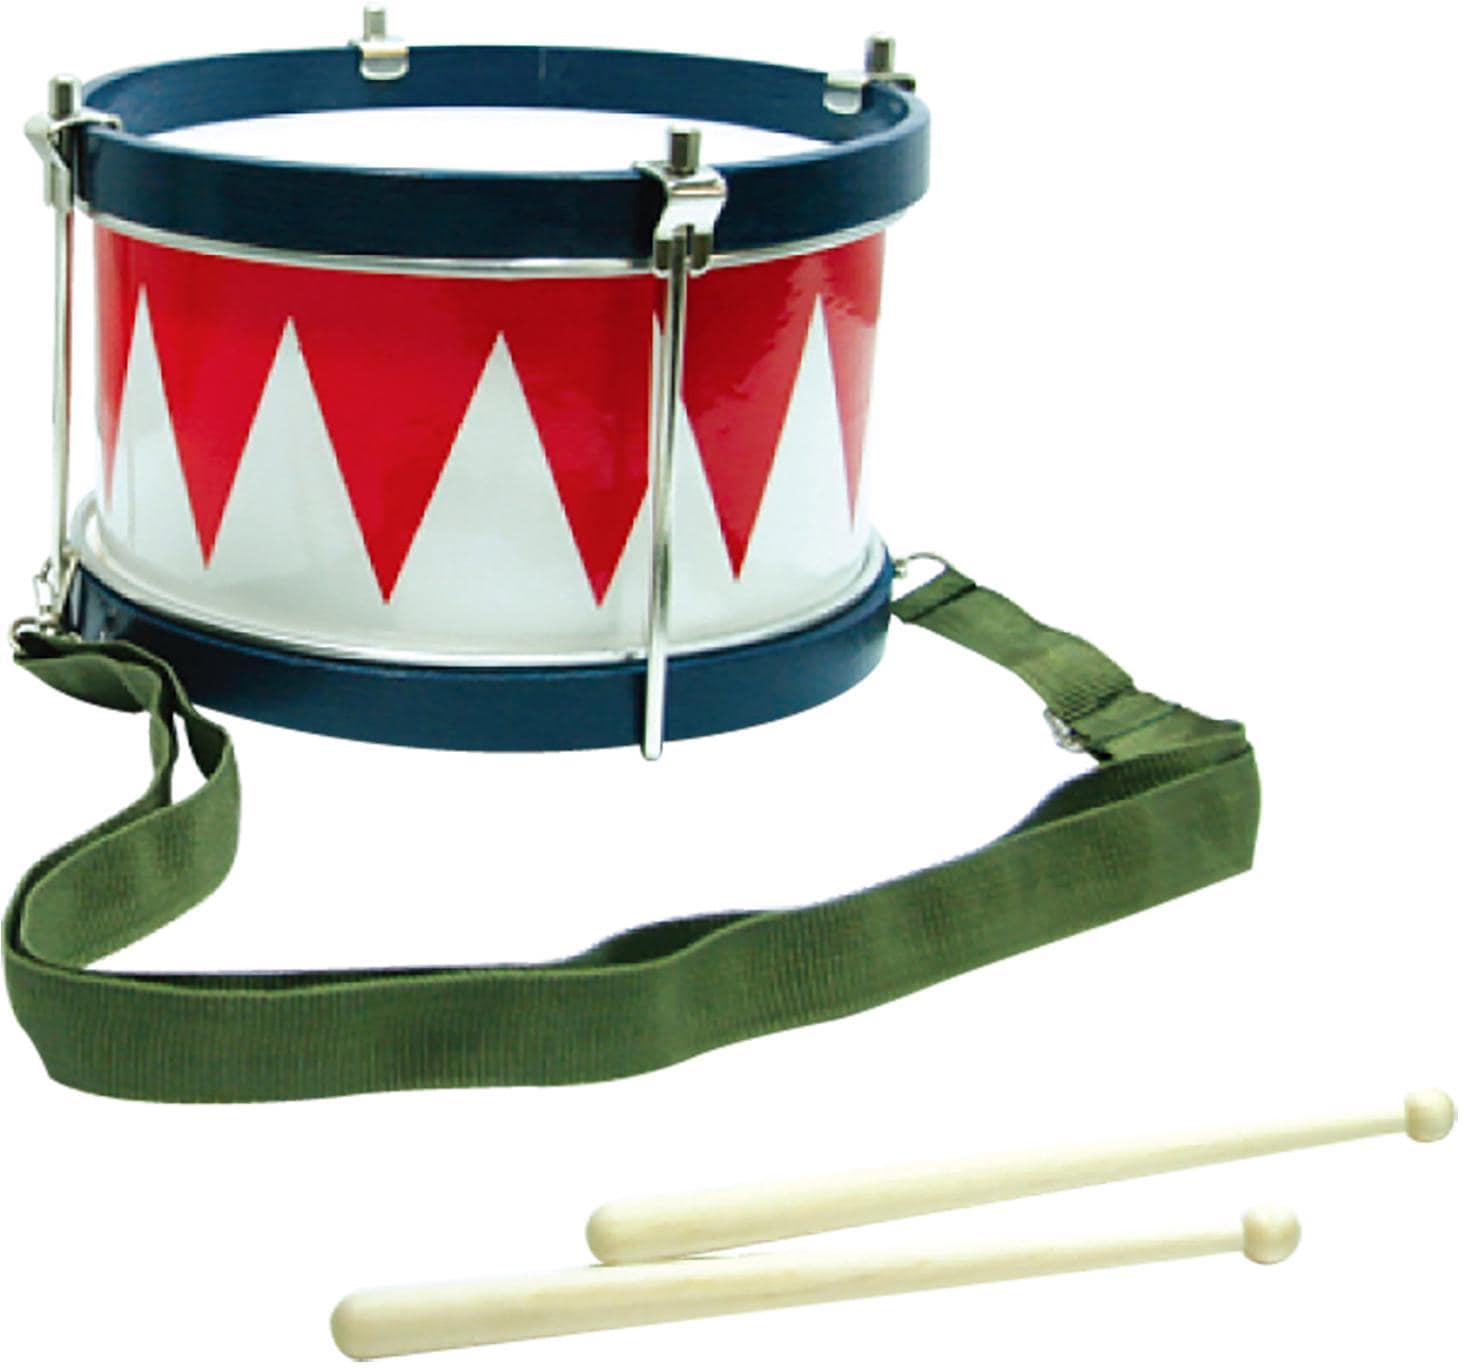 Clifton Spielzeug-Musikinstrument Kindertrommel blau/weiß/rot, mit Kinderlieder CD bunt Musikspielzeug Musikinstrumente